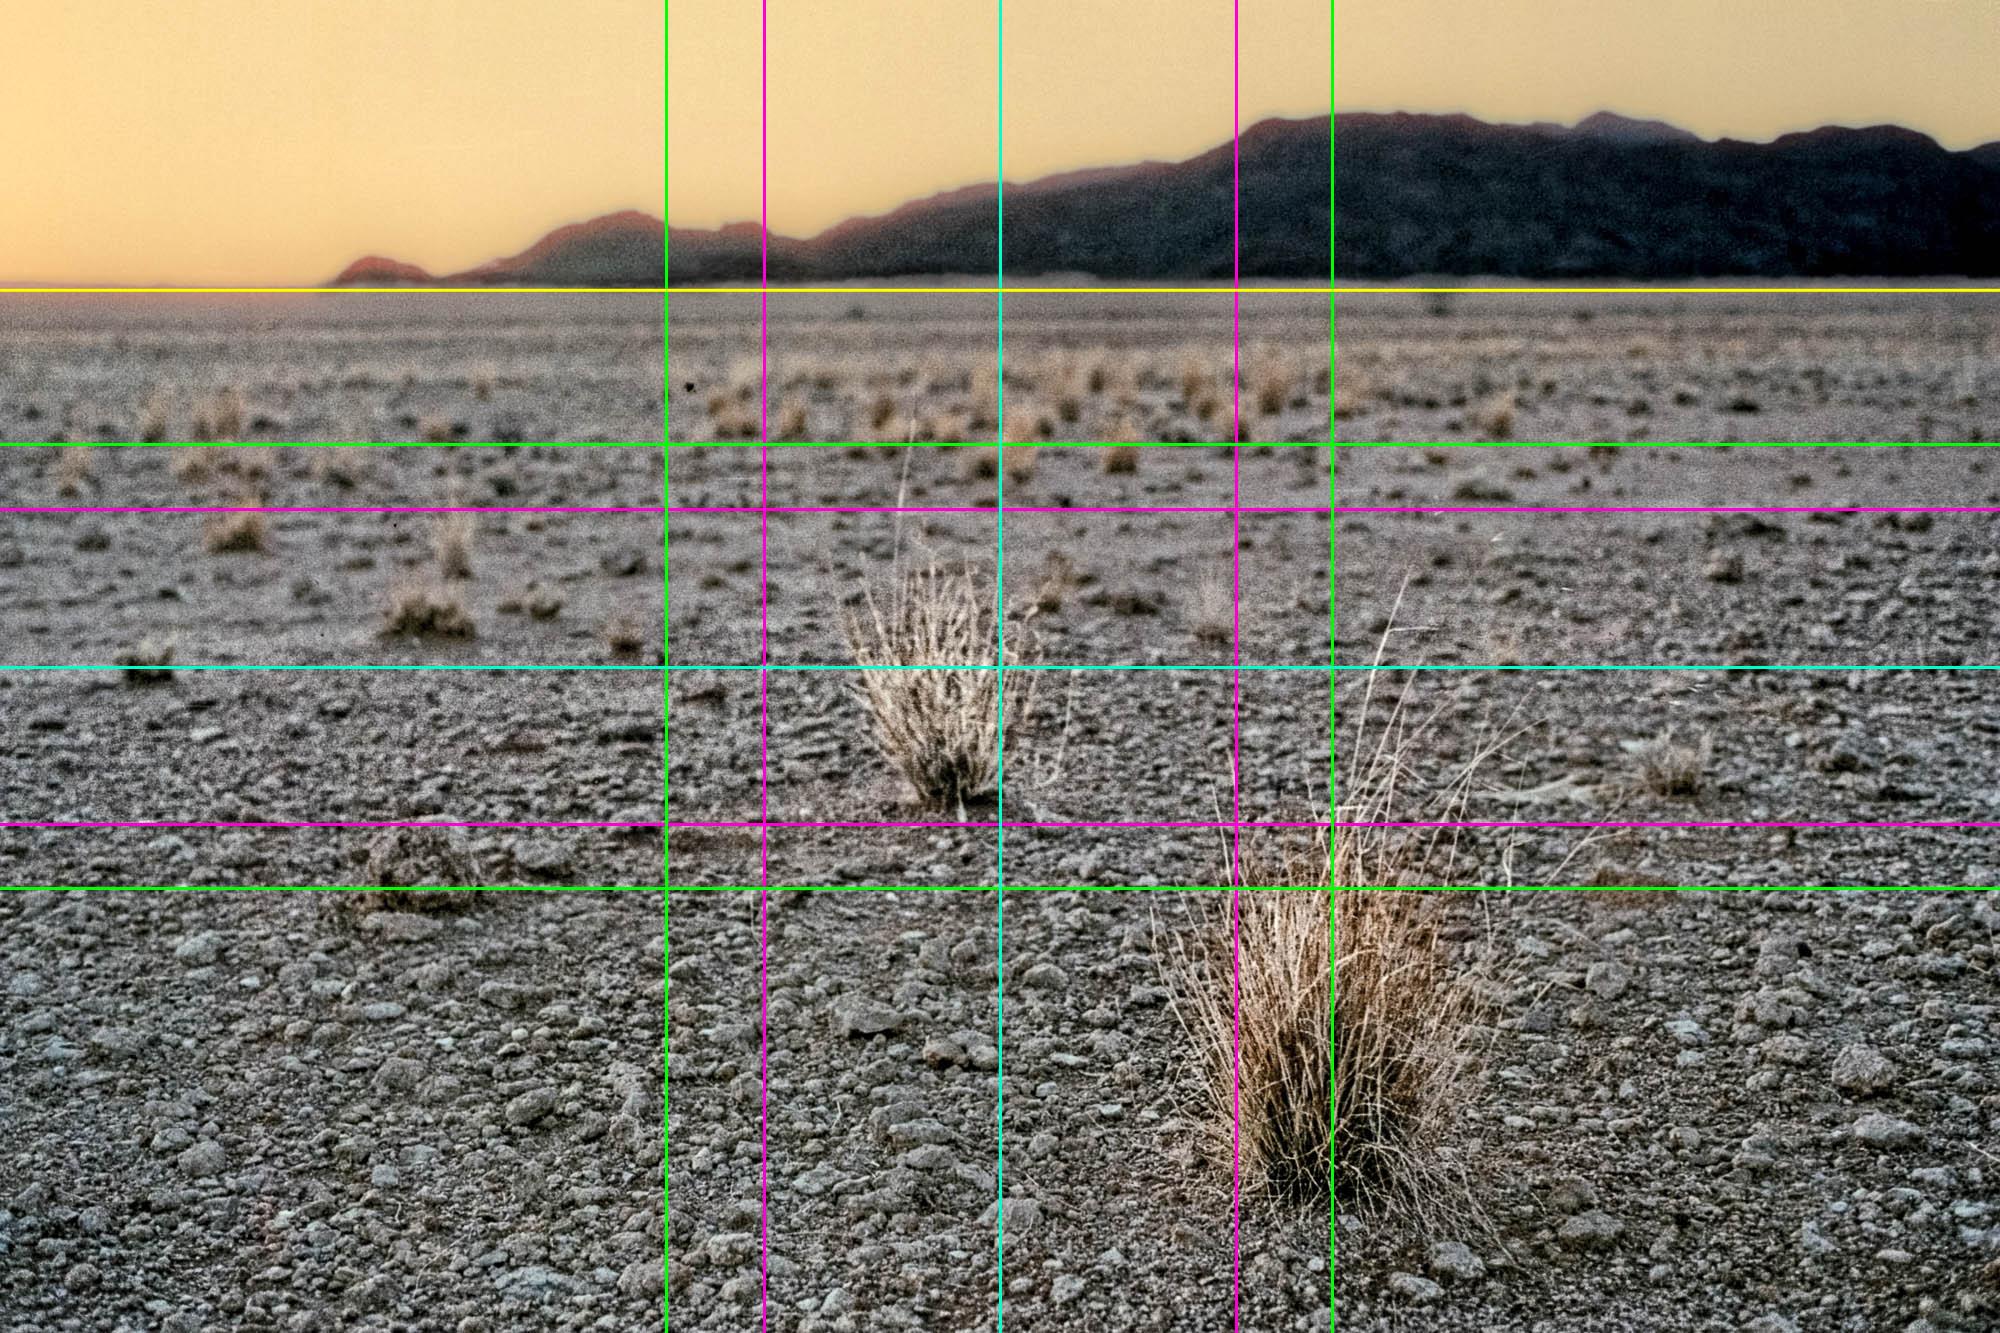 Vergleichsfoto - Komposition